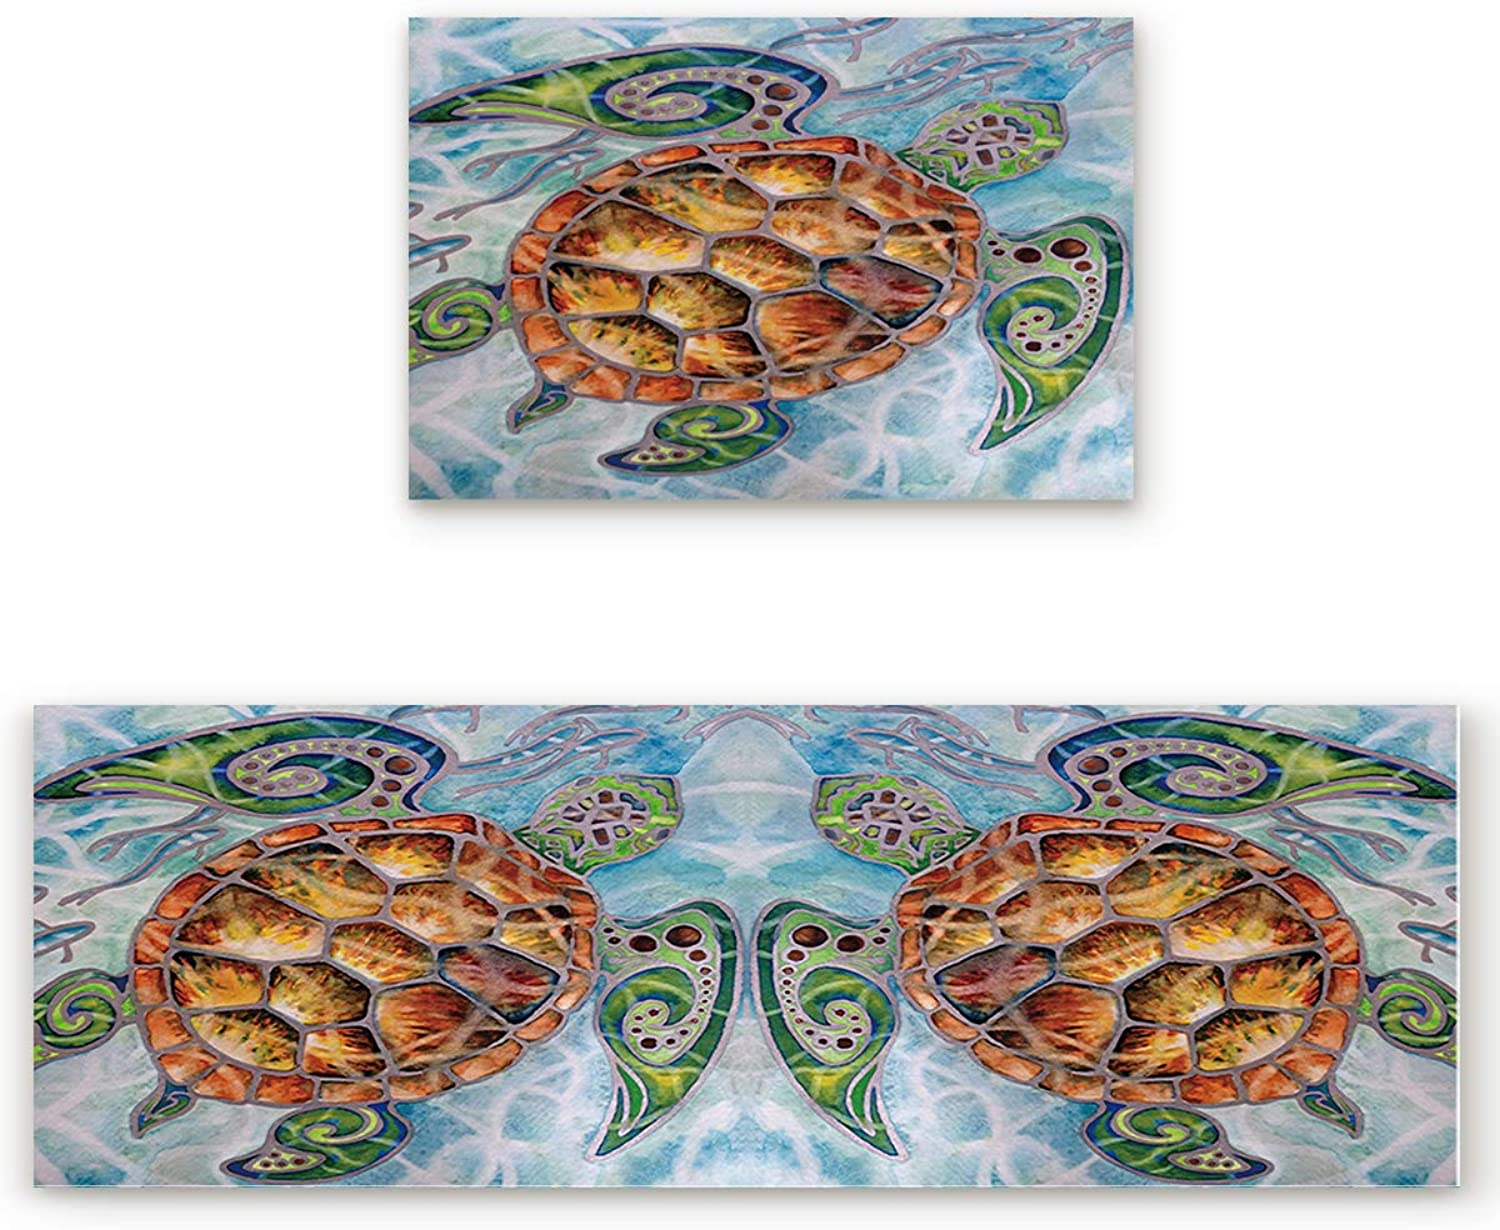 Savannan 2 Piece Non-Slip Kitchen Bathroom Entrance Mat Absorbent Durable Floor Doormat Runner Rug Set - Turtle